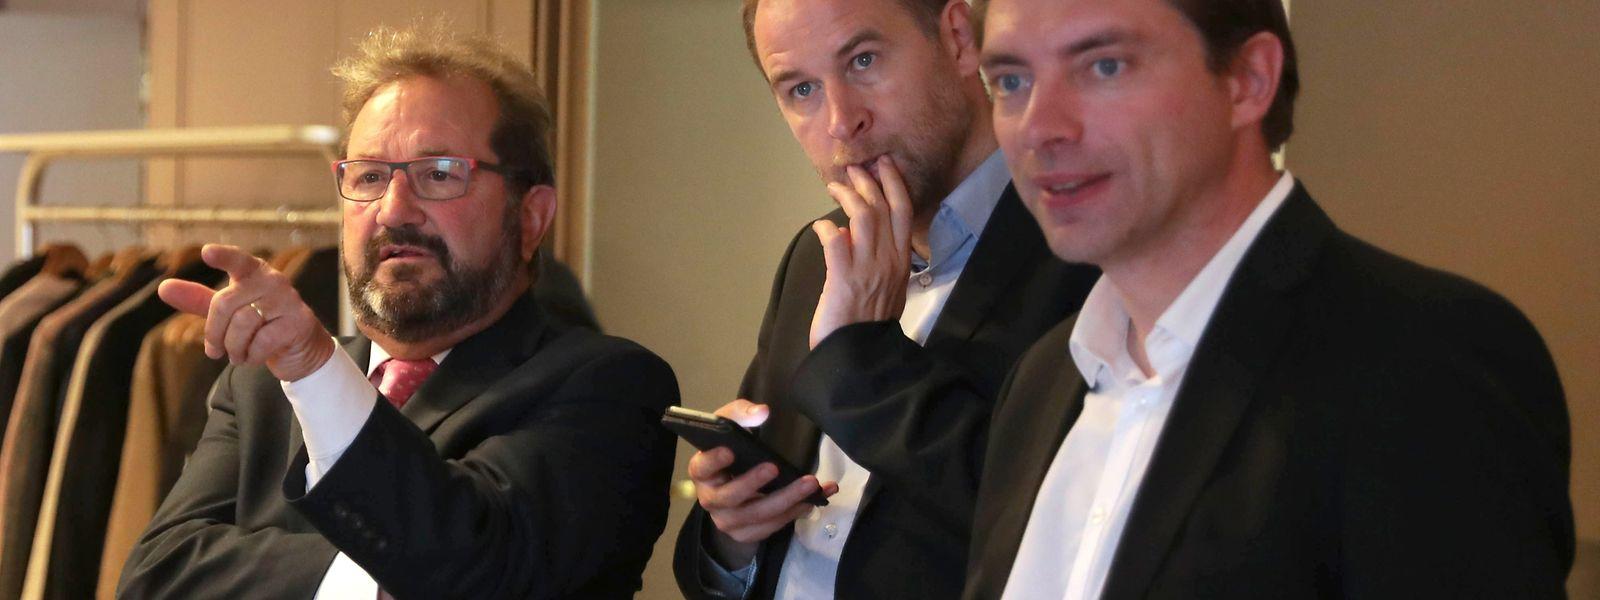 Die Rechnung der ADR ging nicht auf: Die Sprachen- und Identitätsdebatte verfing nicht. Fred Keup (r.) und Tom Weidig (Mitte) konnten sich nicht durchsetzen. ADR-Frontmann Gast Gibéryen (l.) konnte hingegen deutlich zulegen.